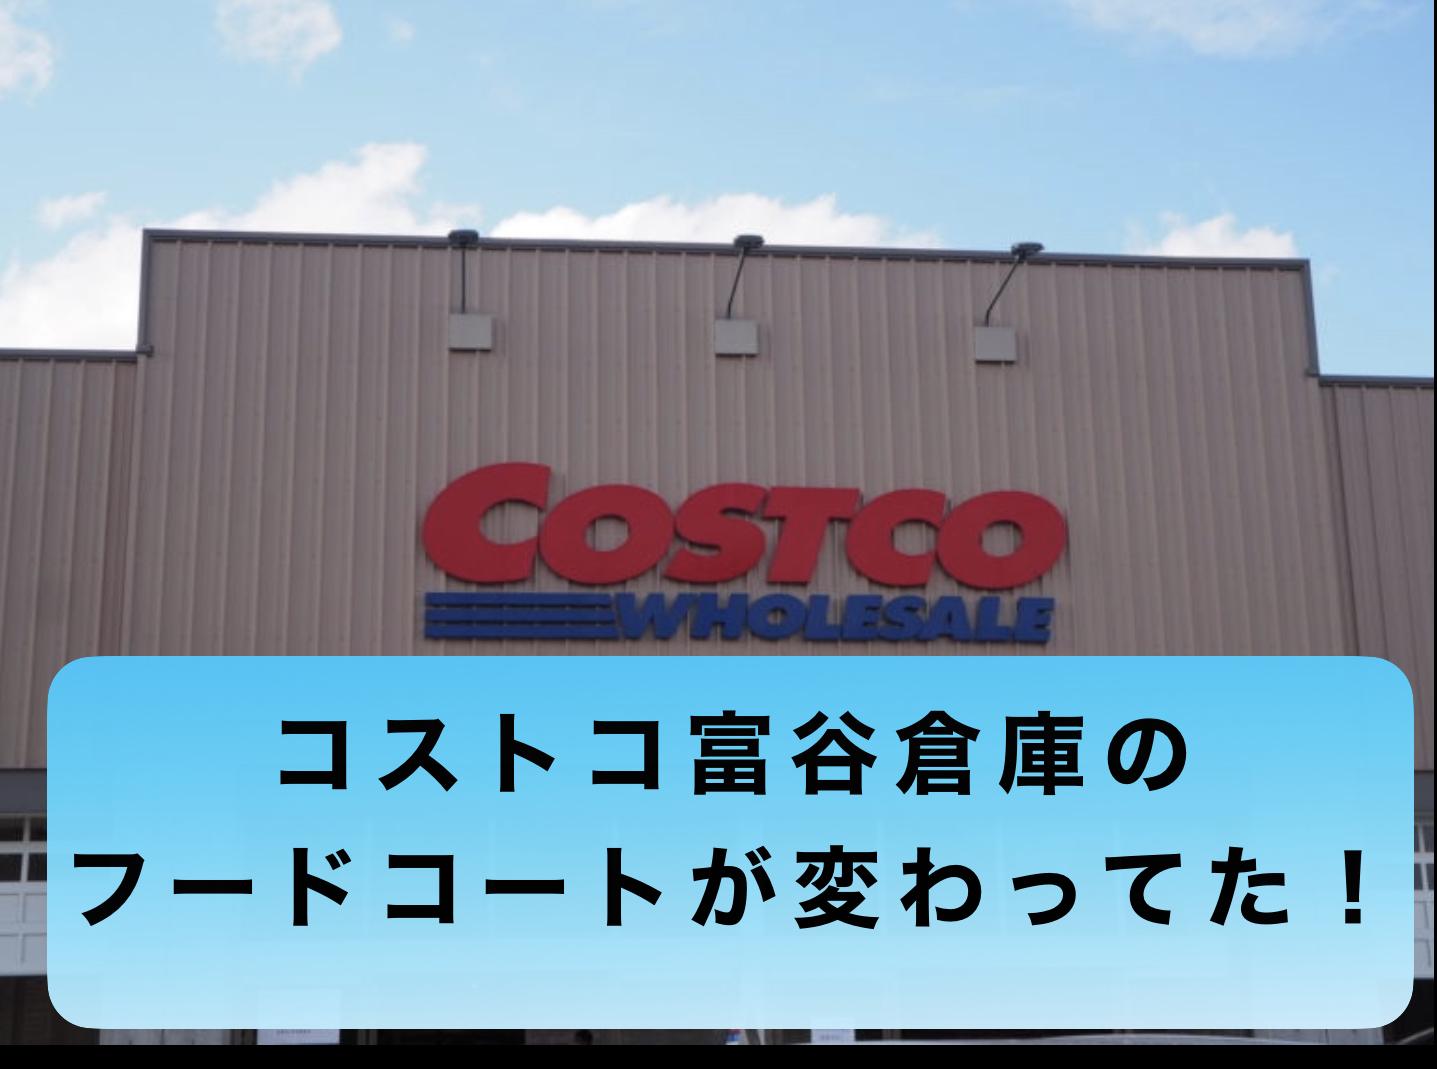 入場 制限 解除 コストコ